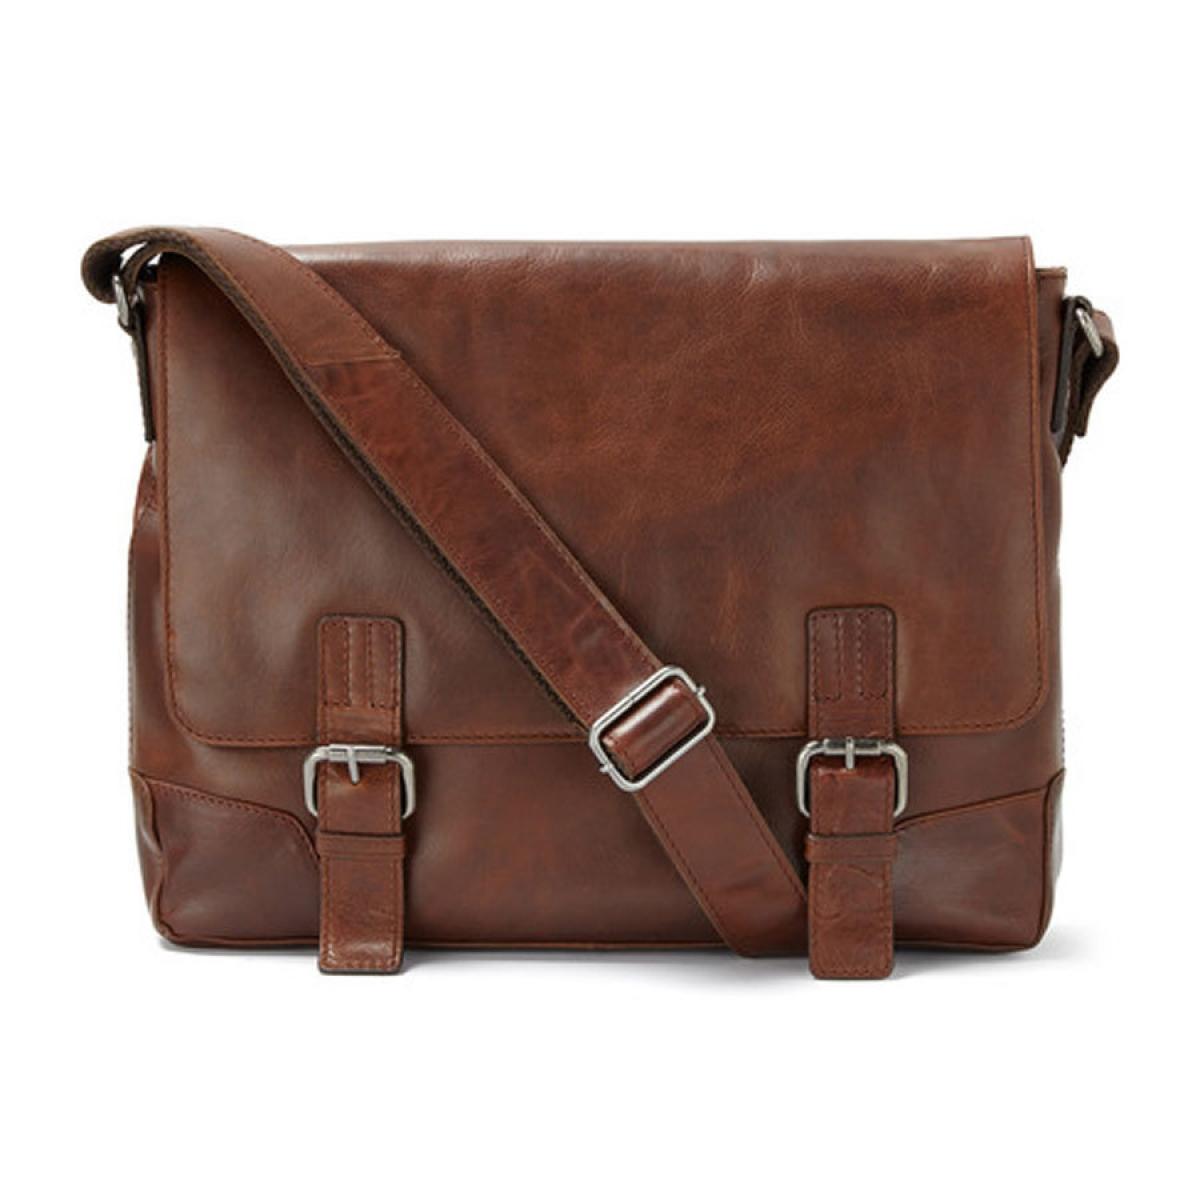 7bccb94b16c7 Мужская сумка Ashwood Leather Oscar Tan, в наличии - купить в ...